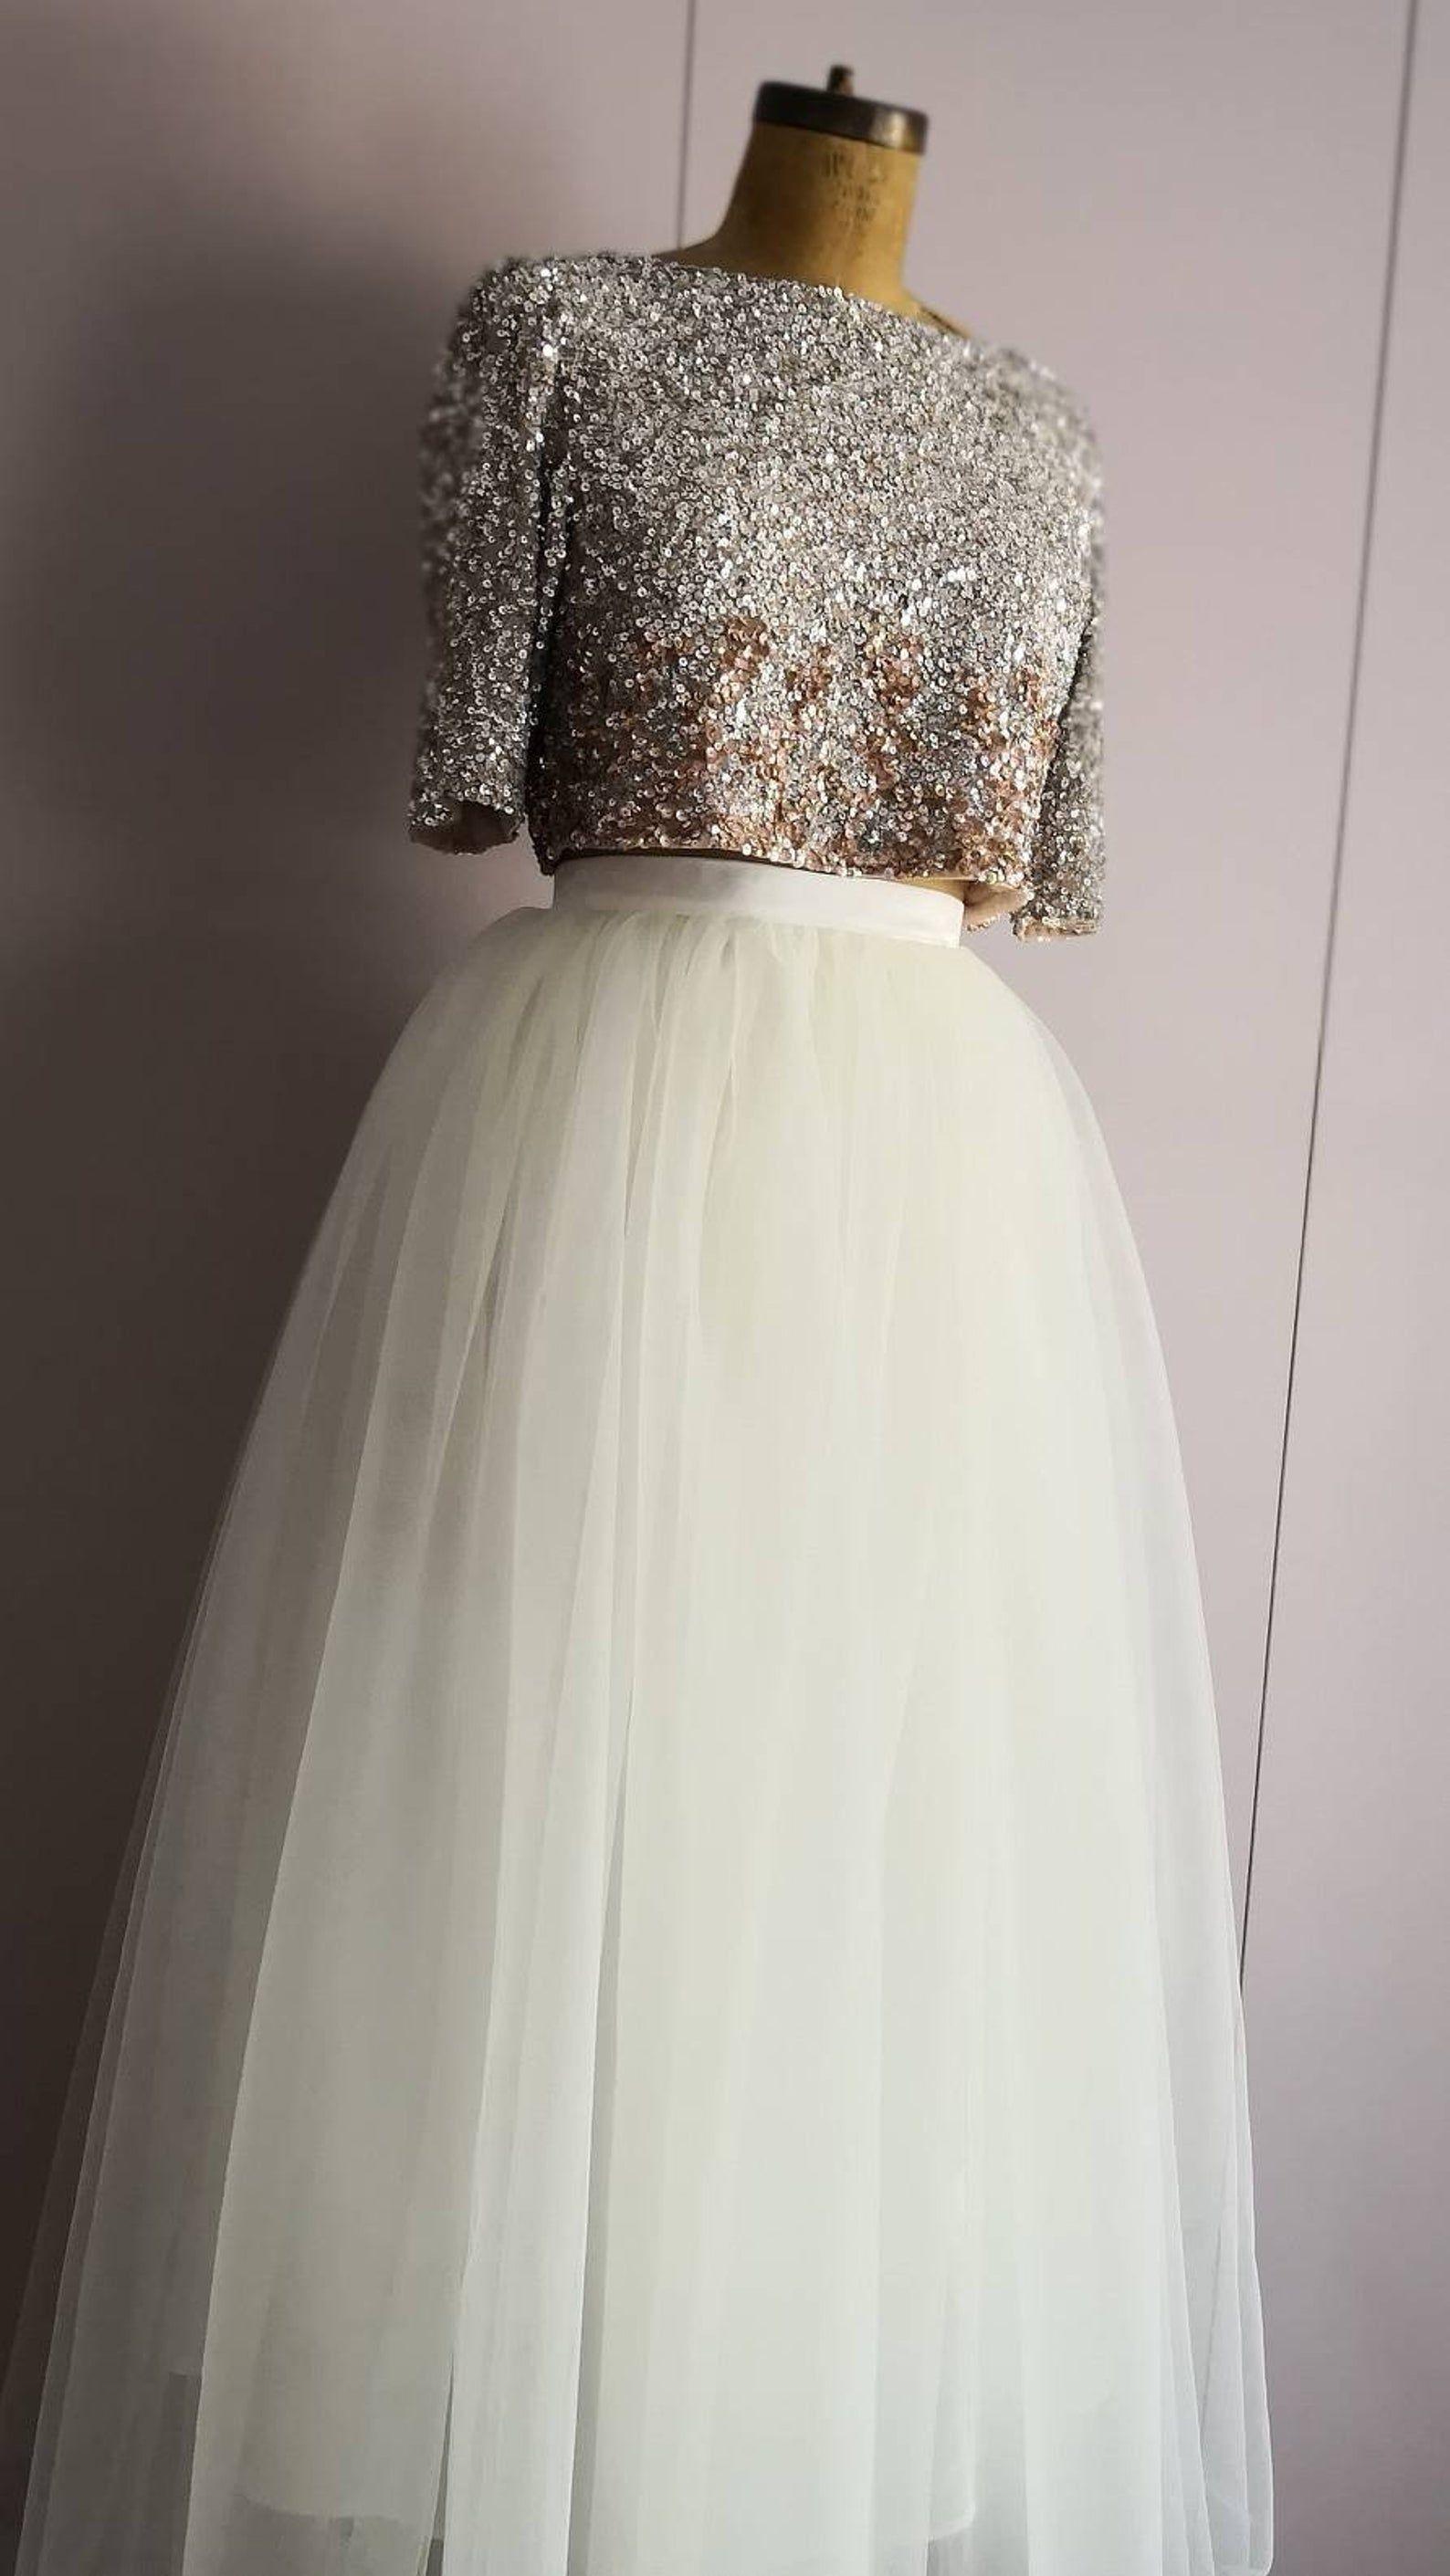 Full Length Ivory Tulle Bridal Skirt Long Tulle Bridesmaid Etsy In 2020 Tulle Bridal Skirts Bridesmaid Skirts Bridal Skirts